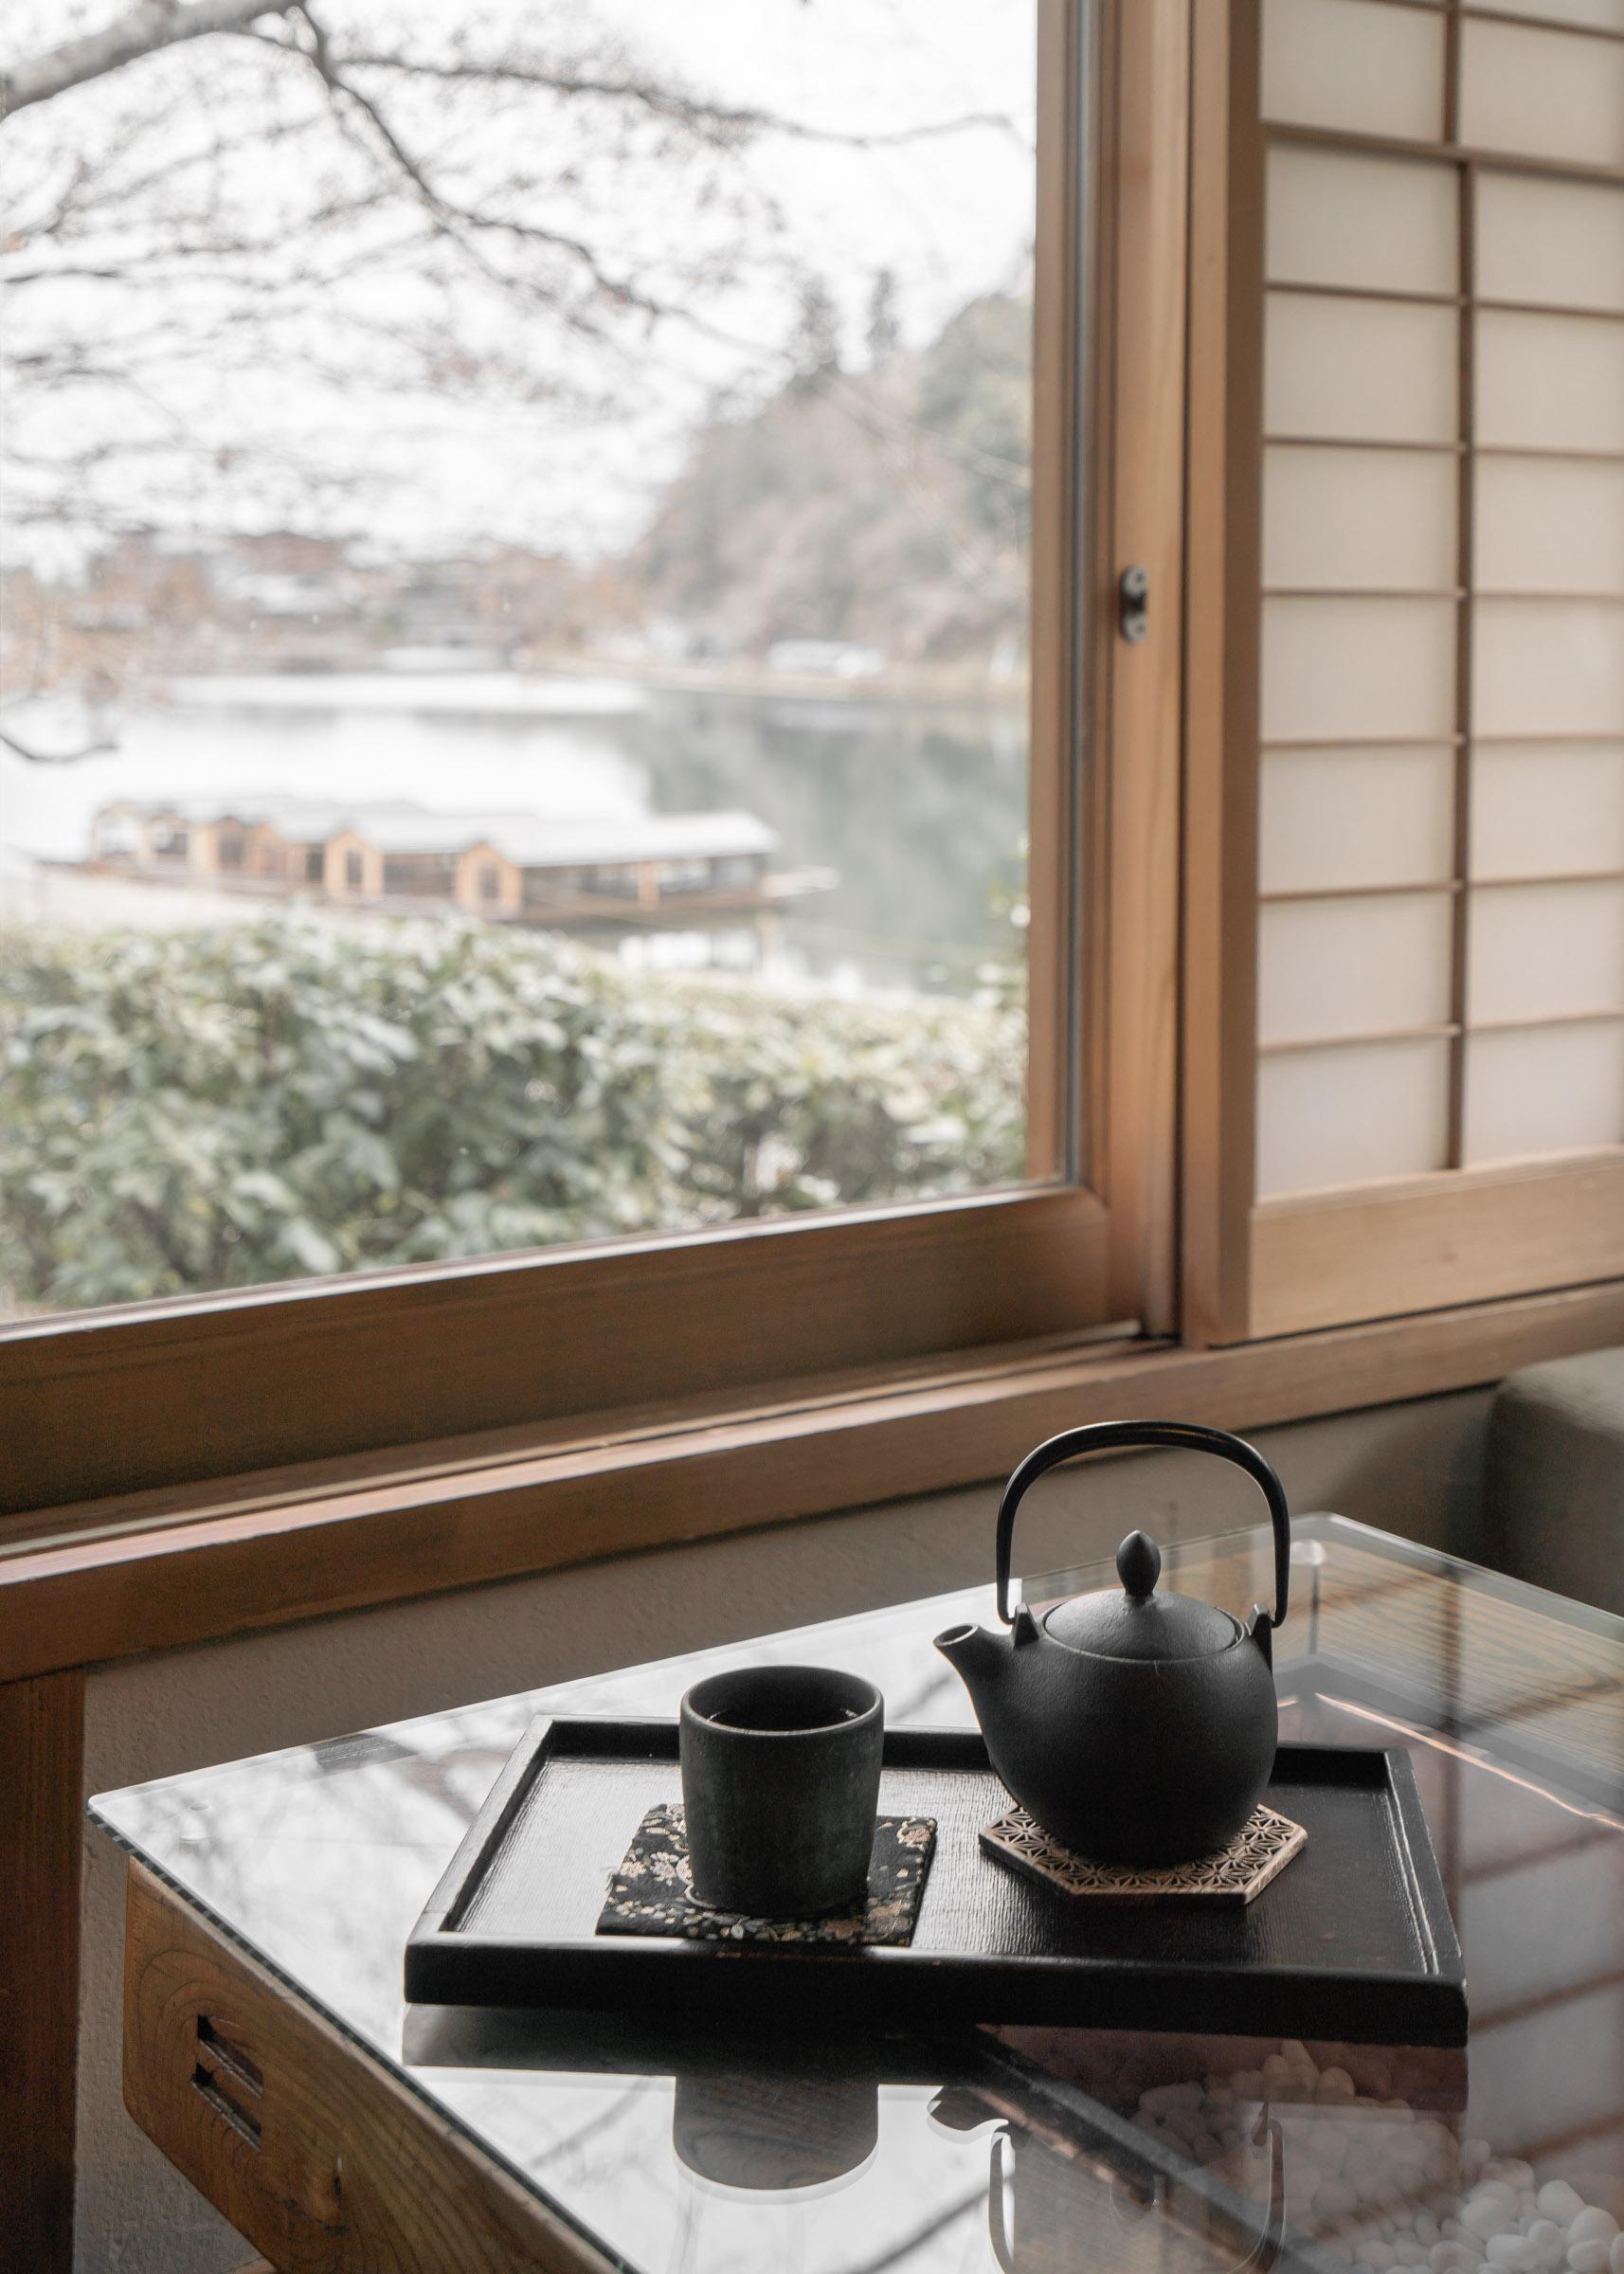 Suiran Kyoto